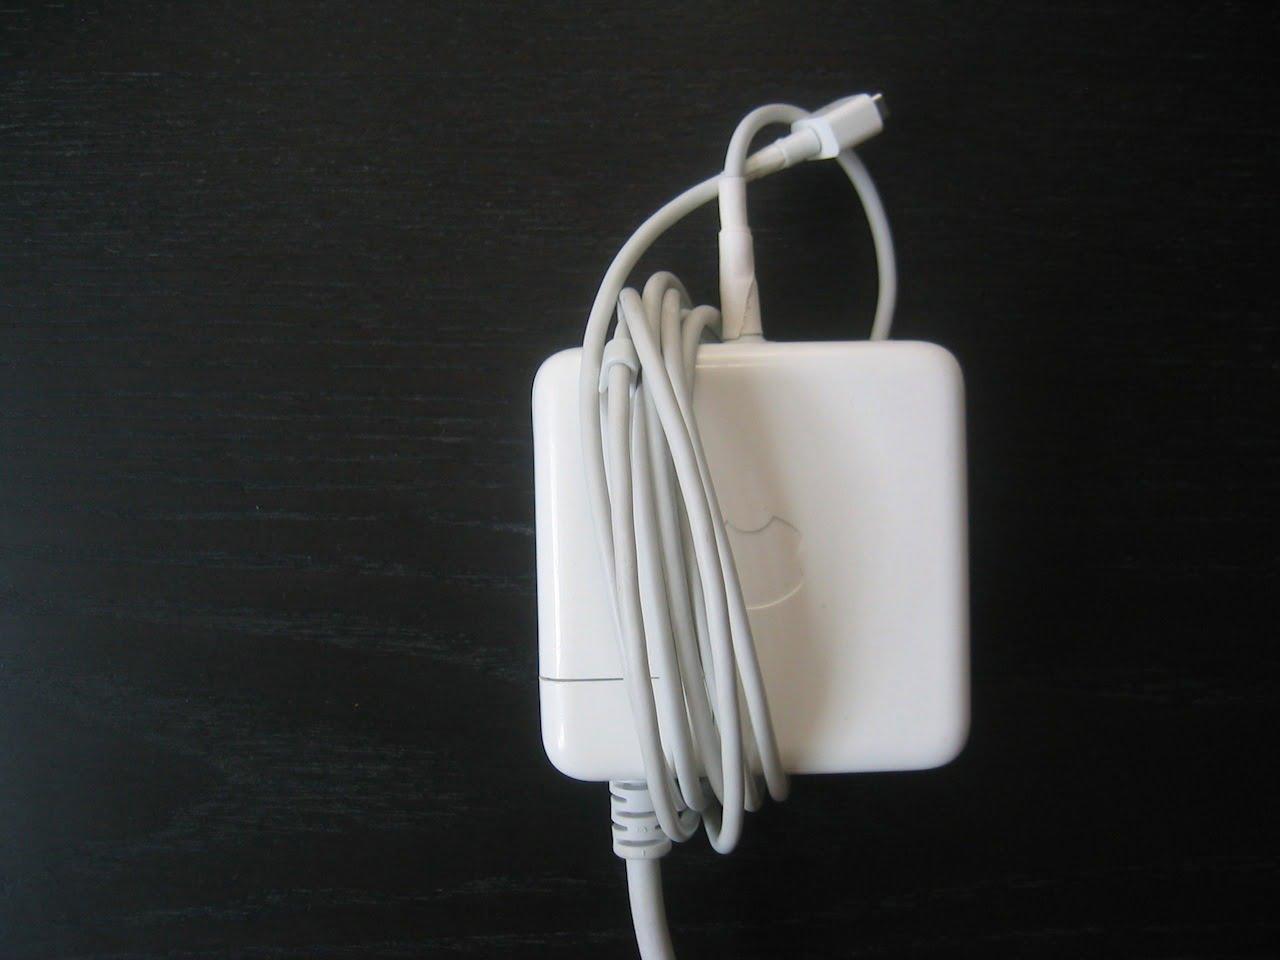 Kabel Aufwickeln